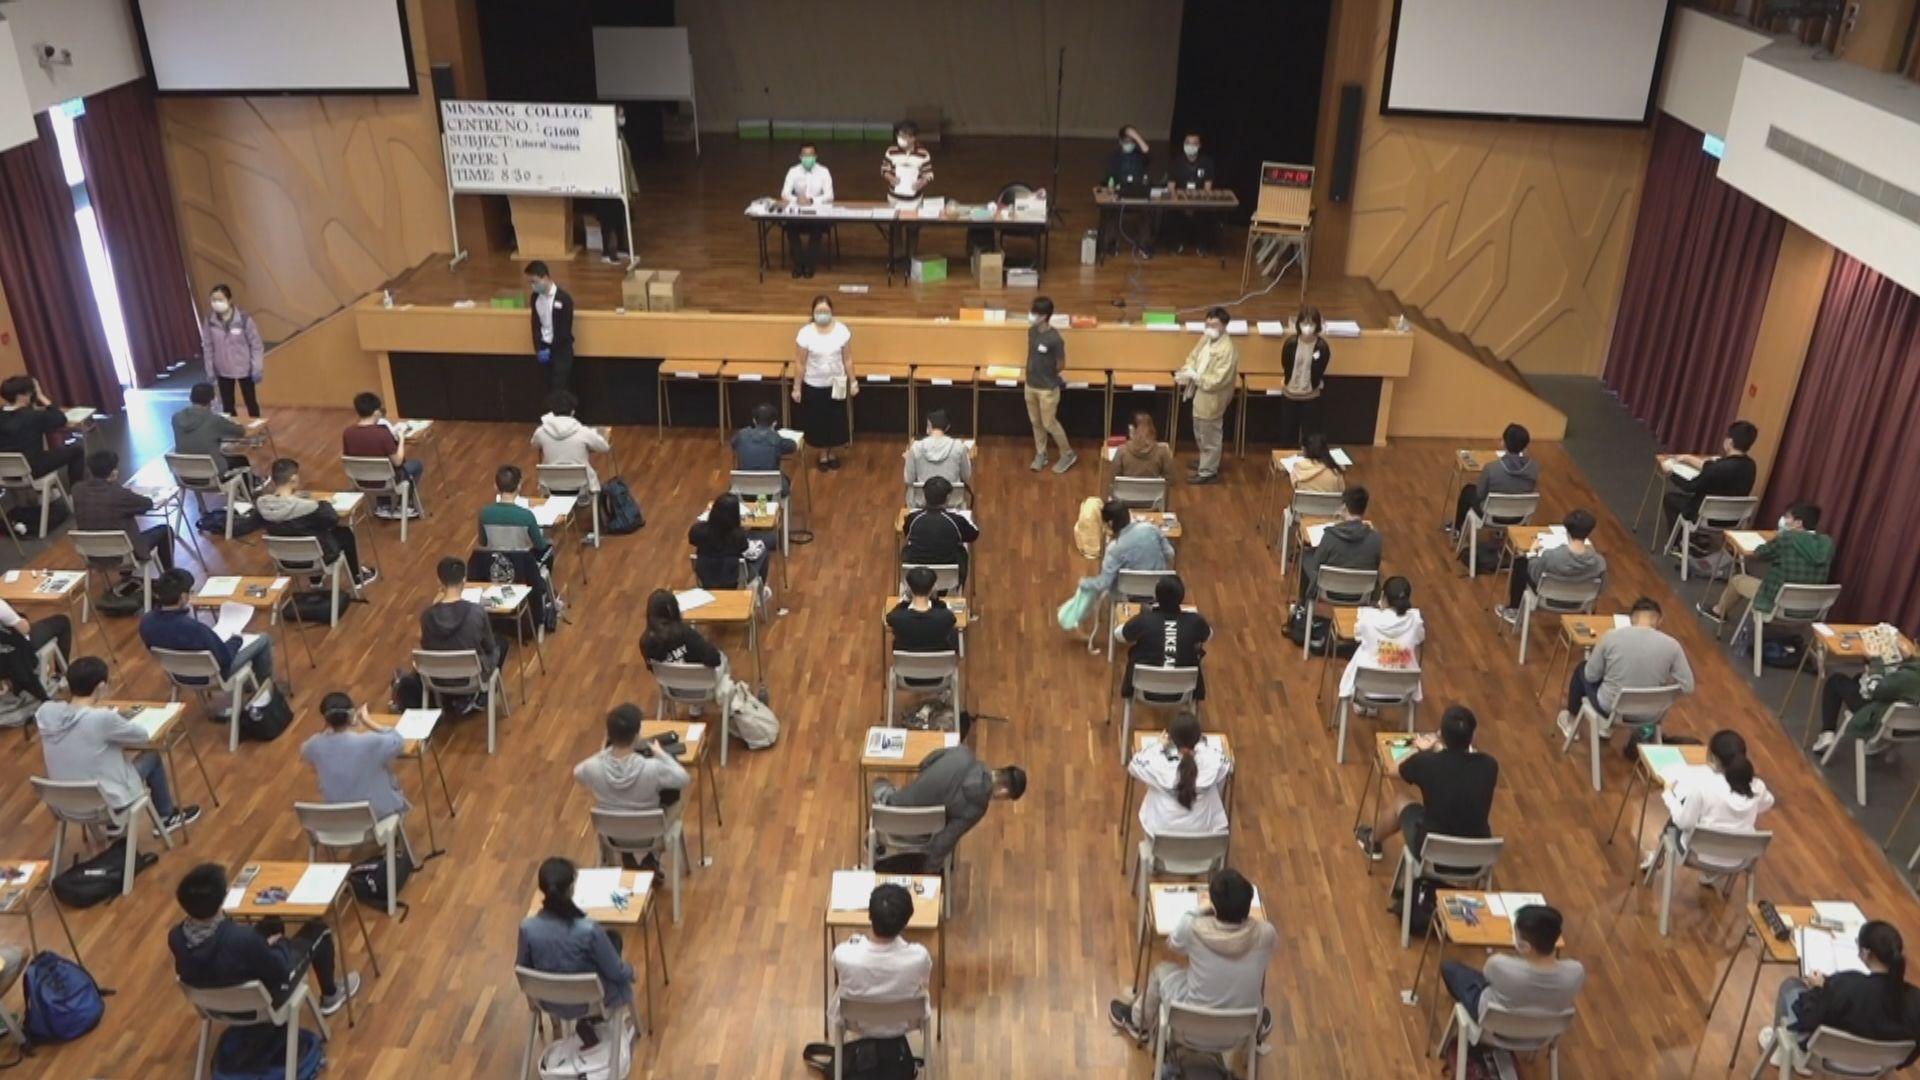 考評局:正審視來屆文憑試安排 會盡快公布決定